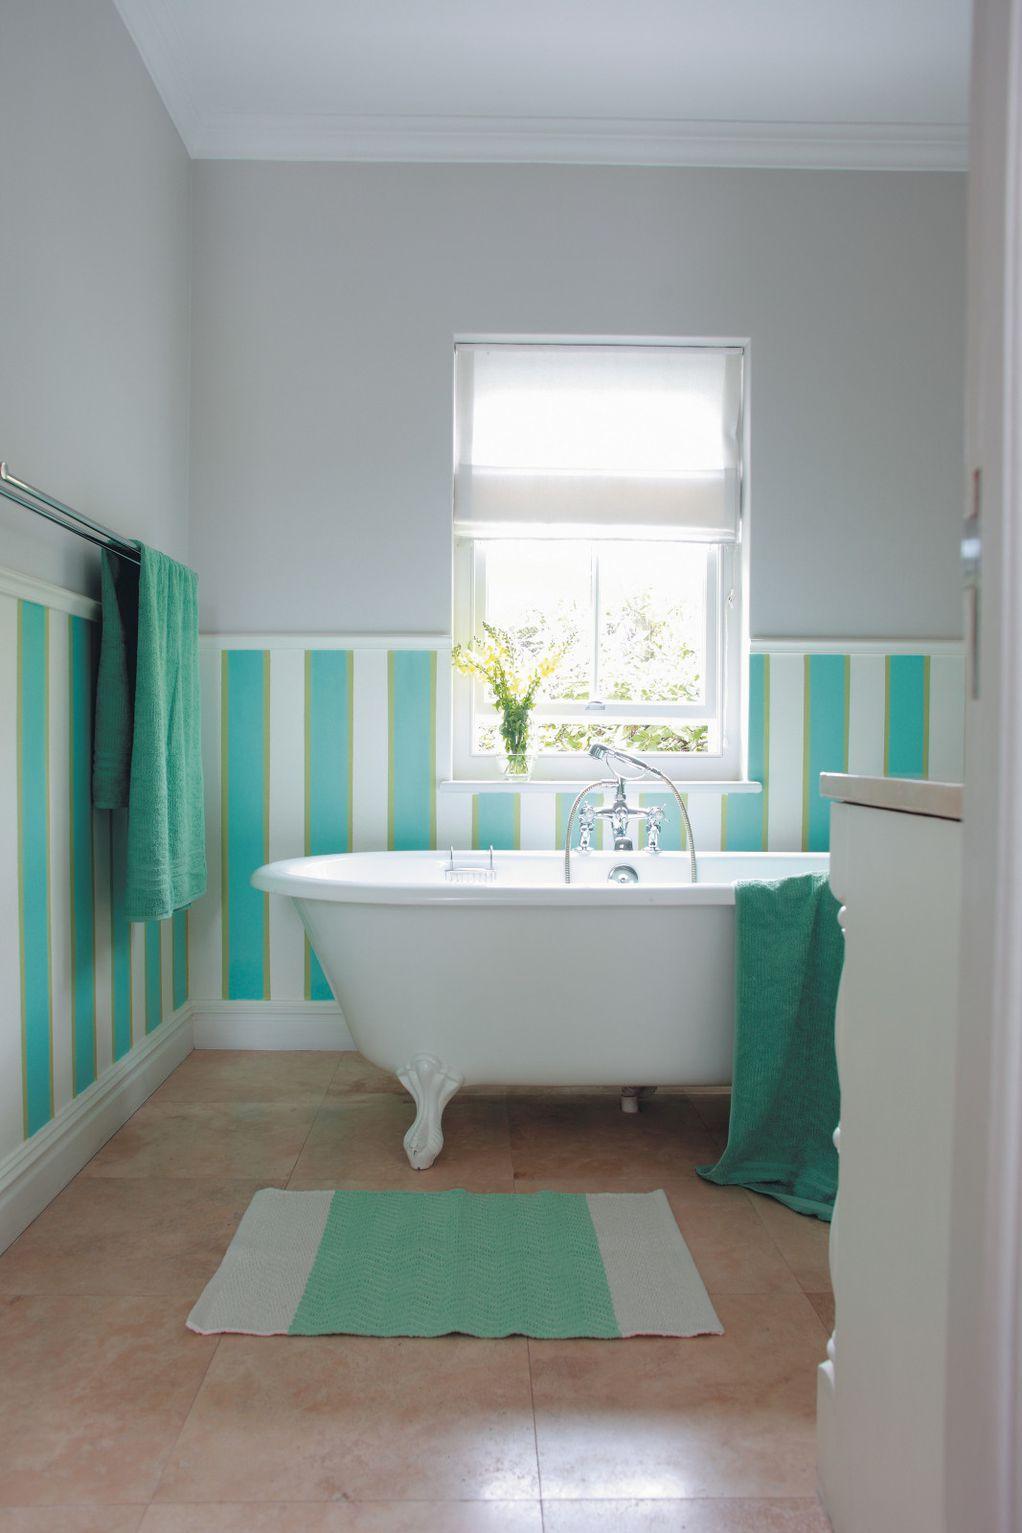 12 докази дека зелените ѕидови изгледаат убаво во секоја просторија во домот